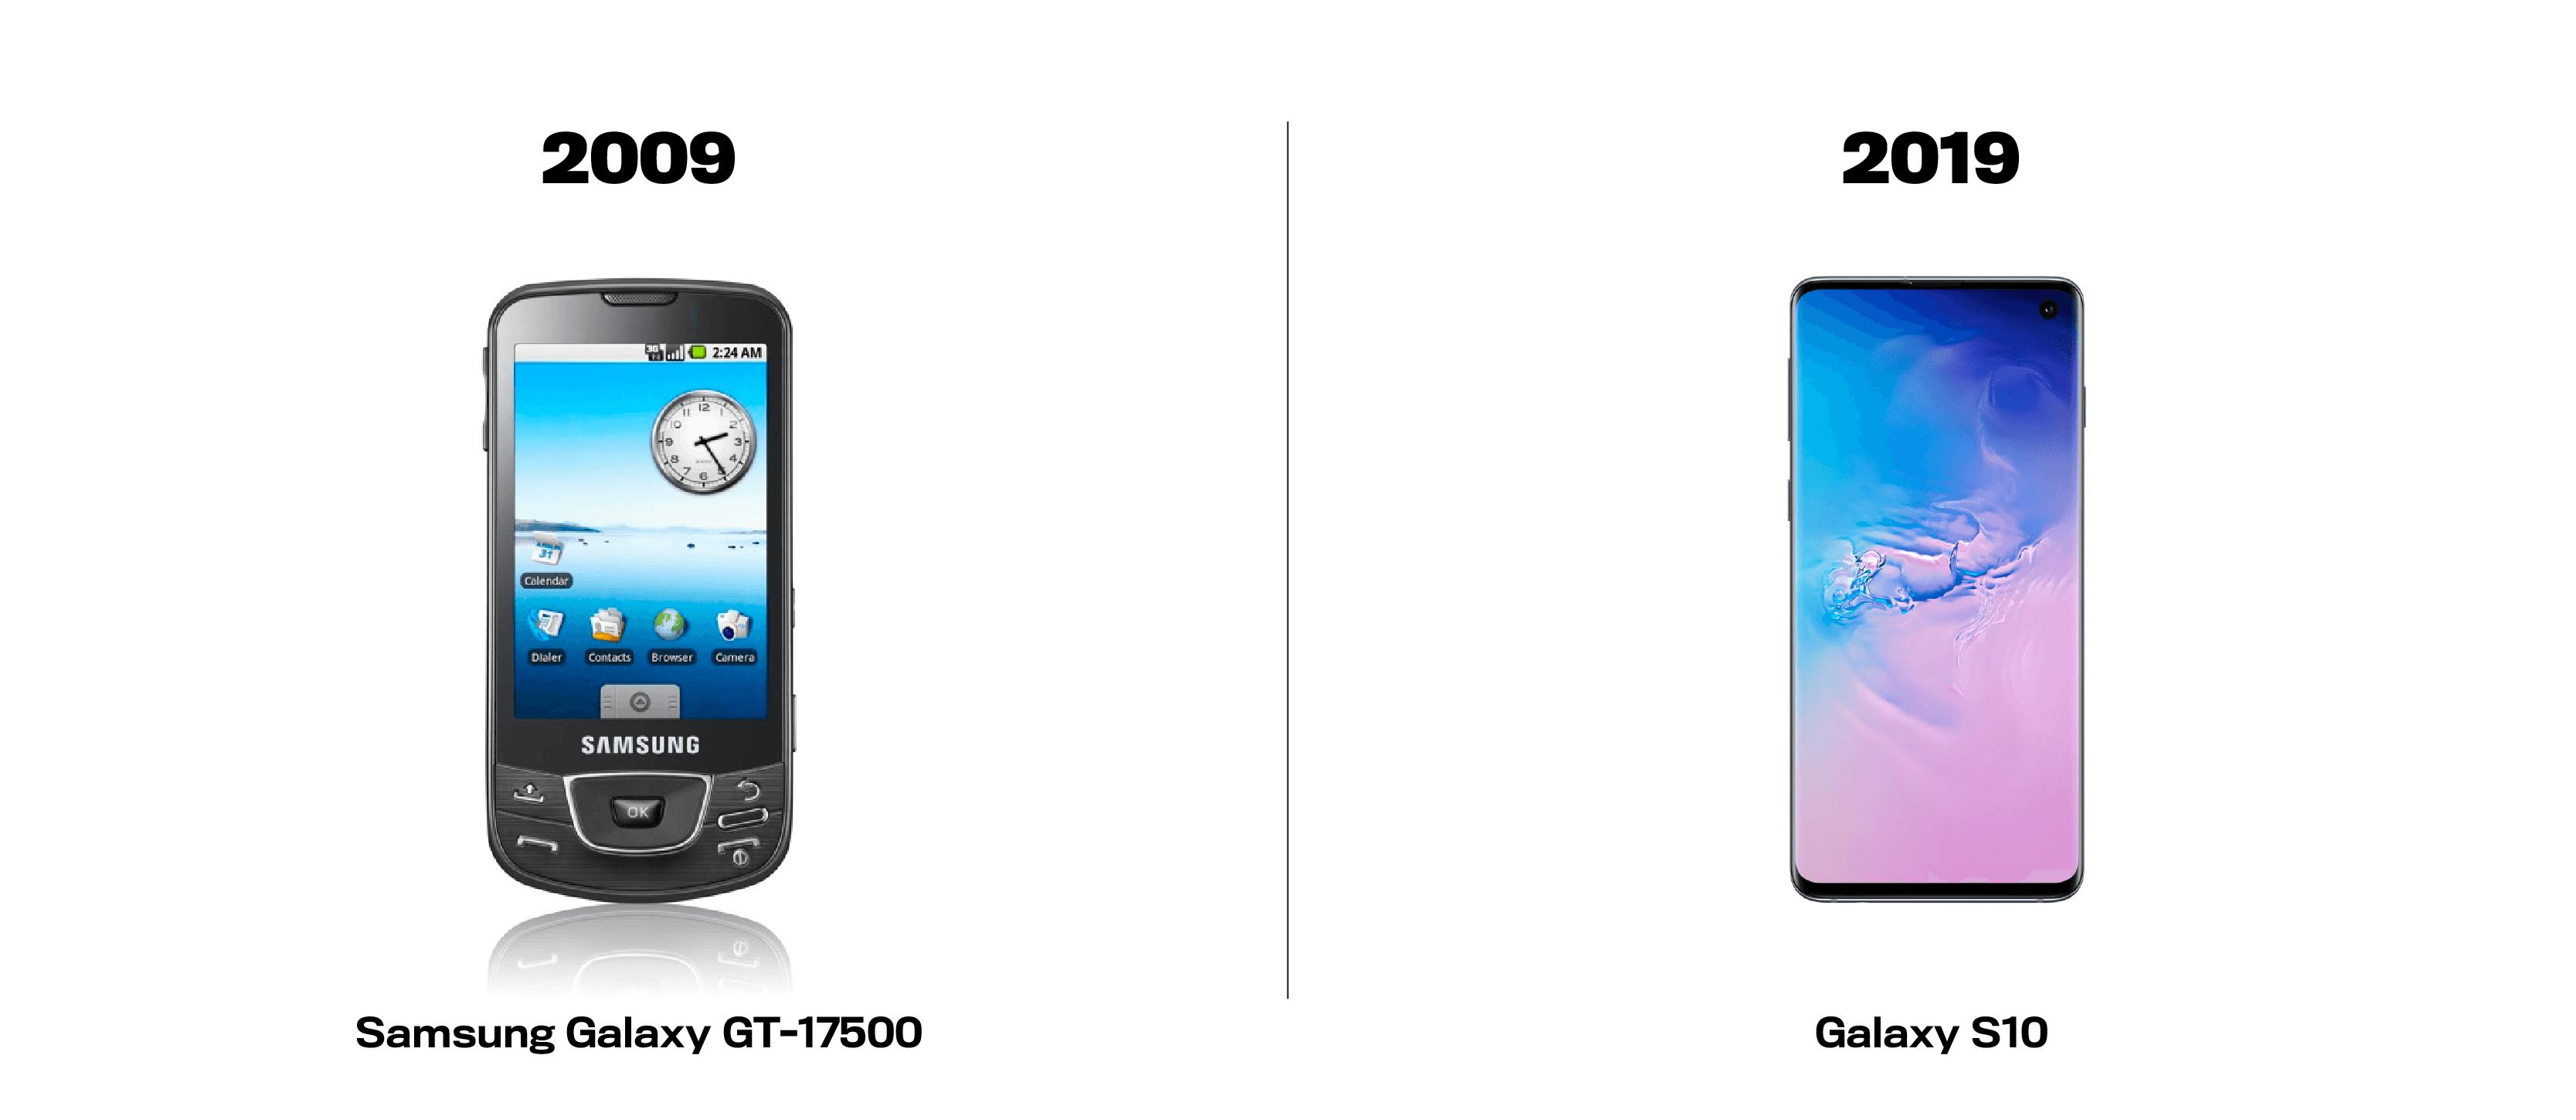 samsung-galaxy-gt17500-vs-galaxy-s10-2009-vs-2019